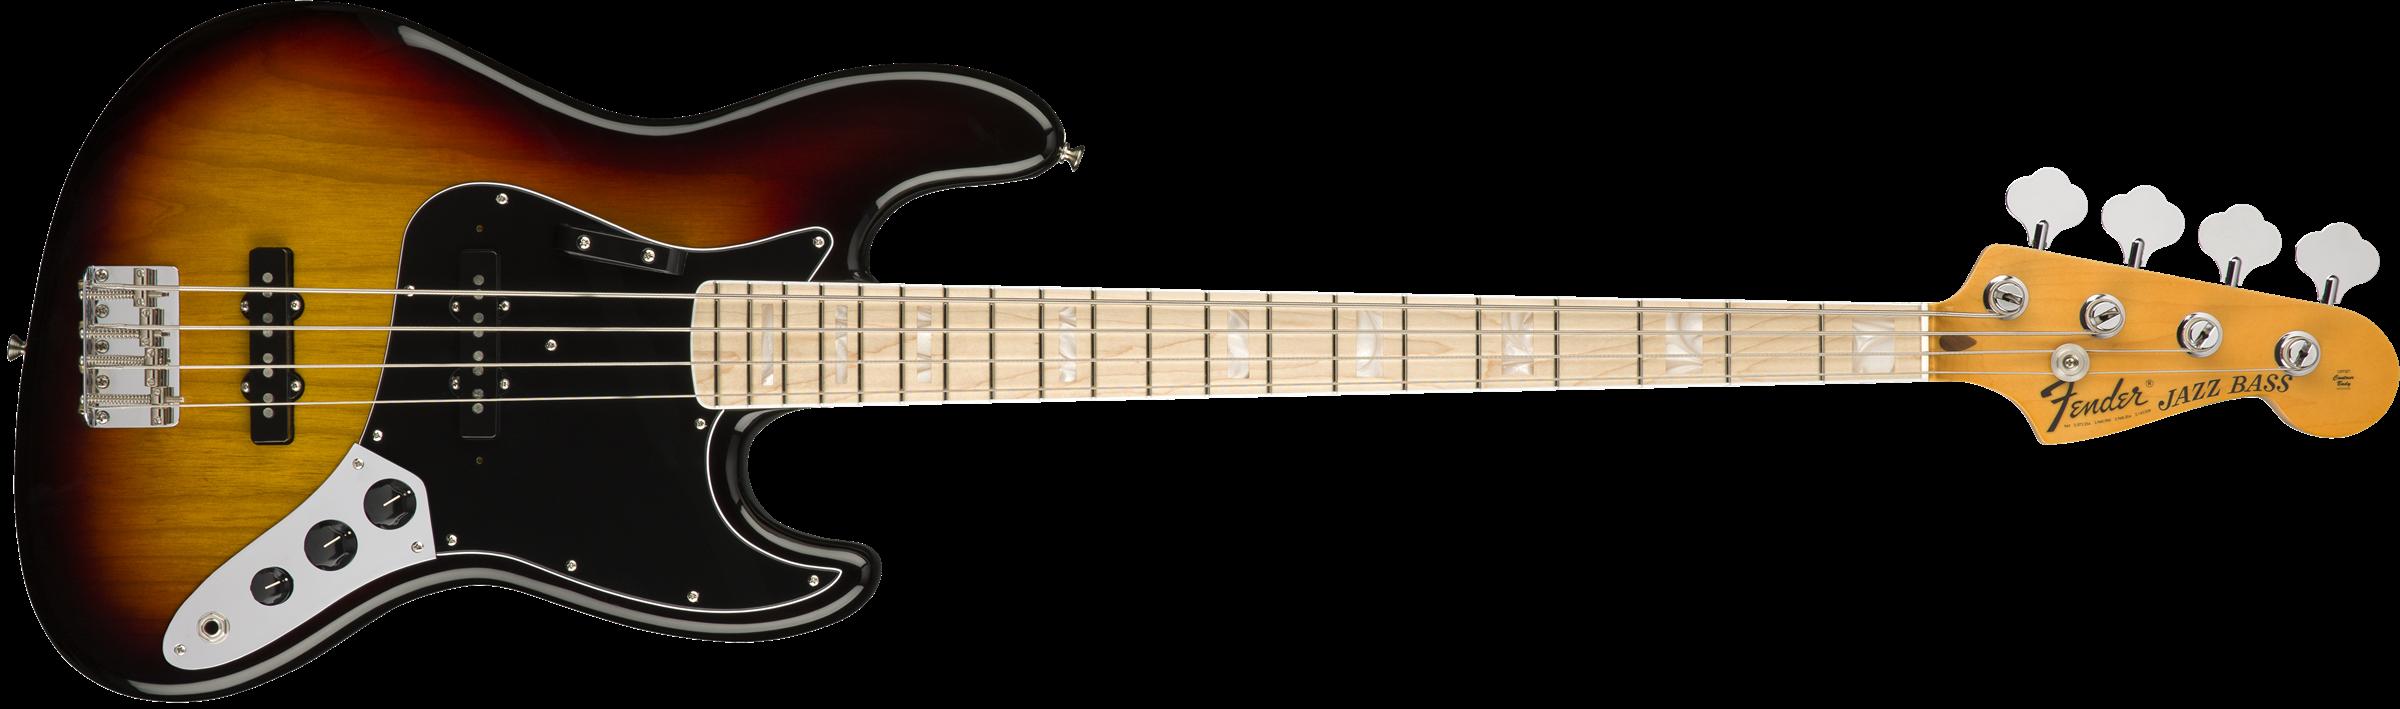 American Original 70s Jazz Bass Jazz Bass Bass Guitars Fender Bass Guitars Acoustic Bass Guitar Guitar Fender Bass Guitar